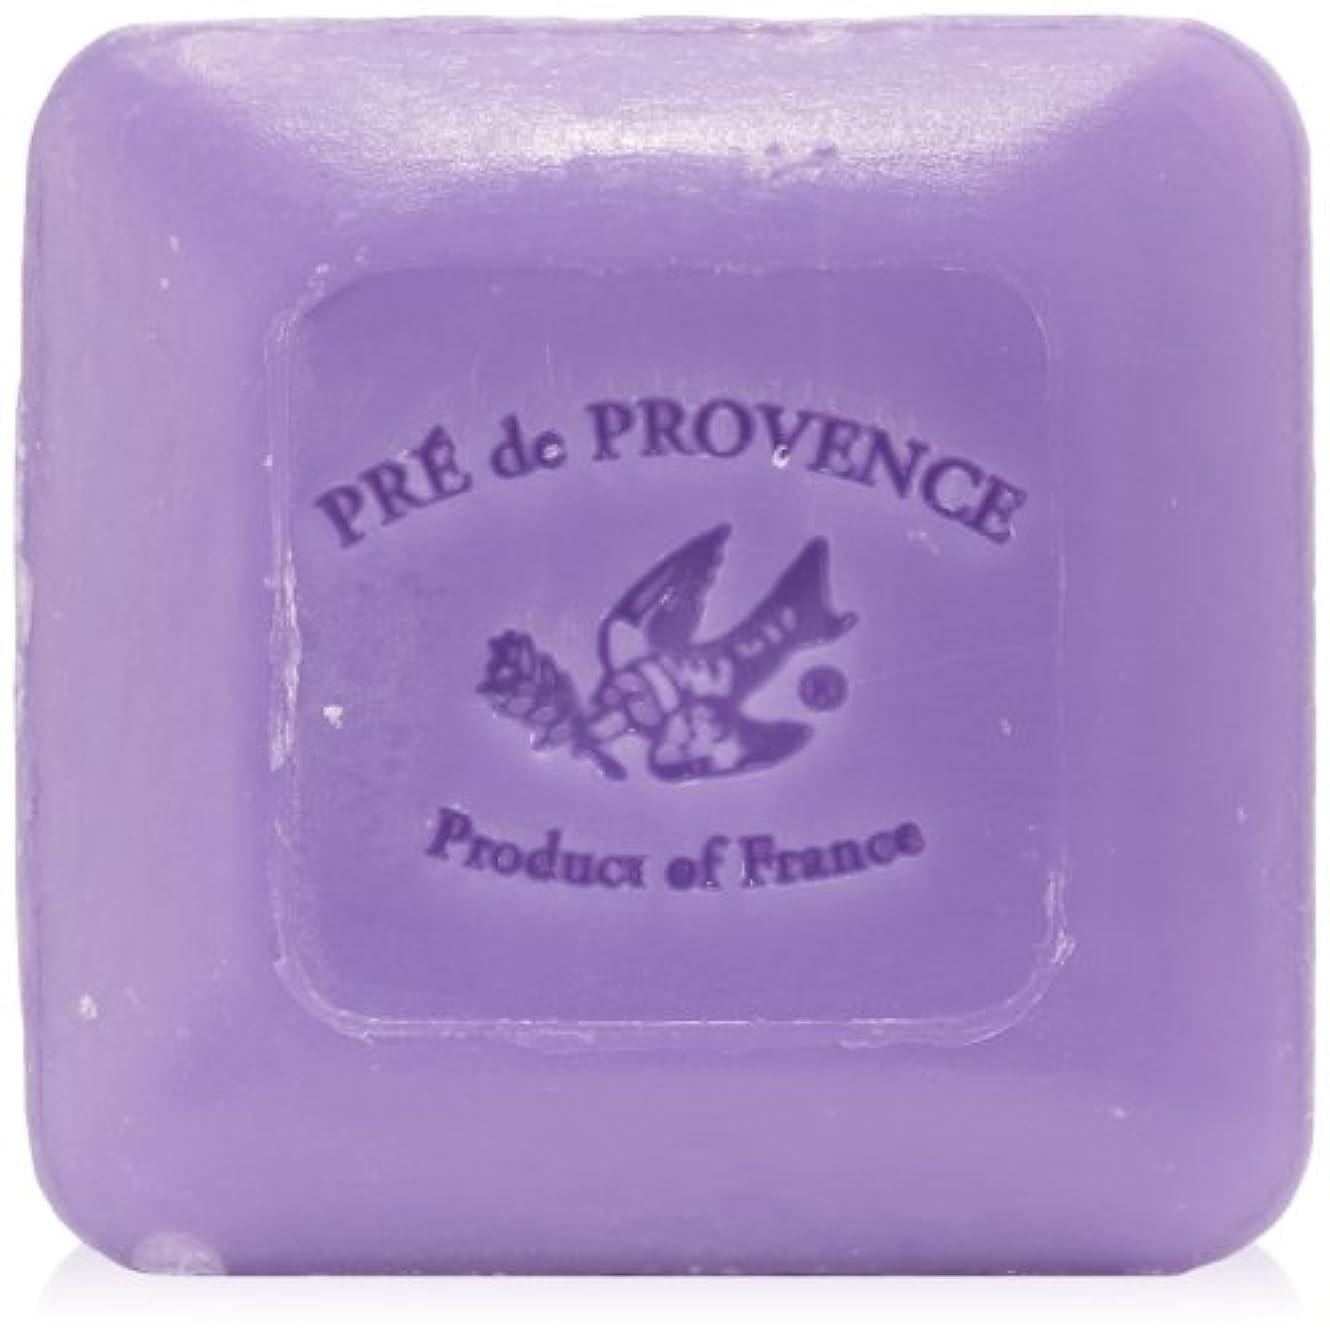 メディカル翻訳するイソギンチャクPRE de PROVENCE シアバター エンリッチドソープ ギフトパック ジャスミン JASMIN プレ ドゥ プロヴァンス Shea Butter Enriched Soap